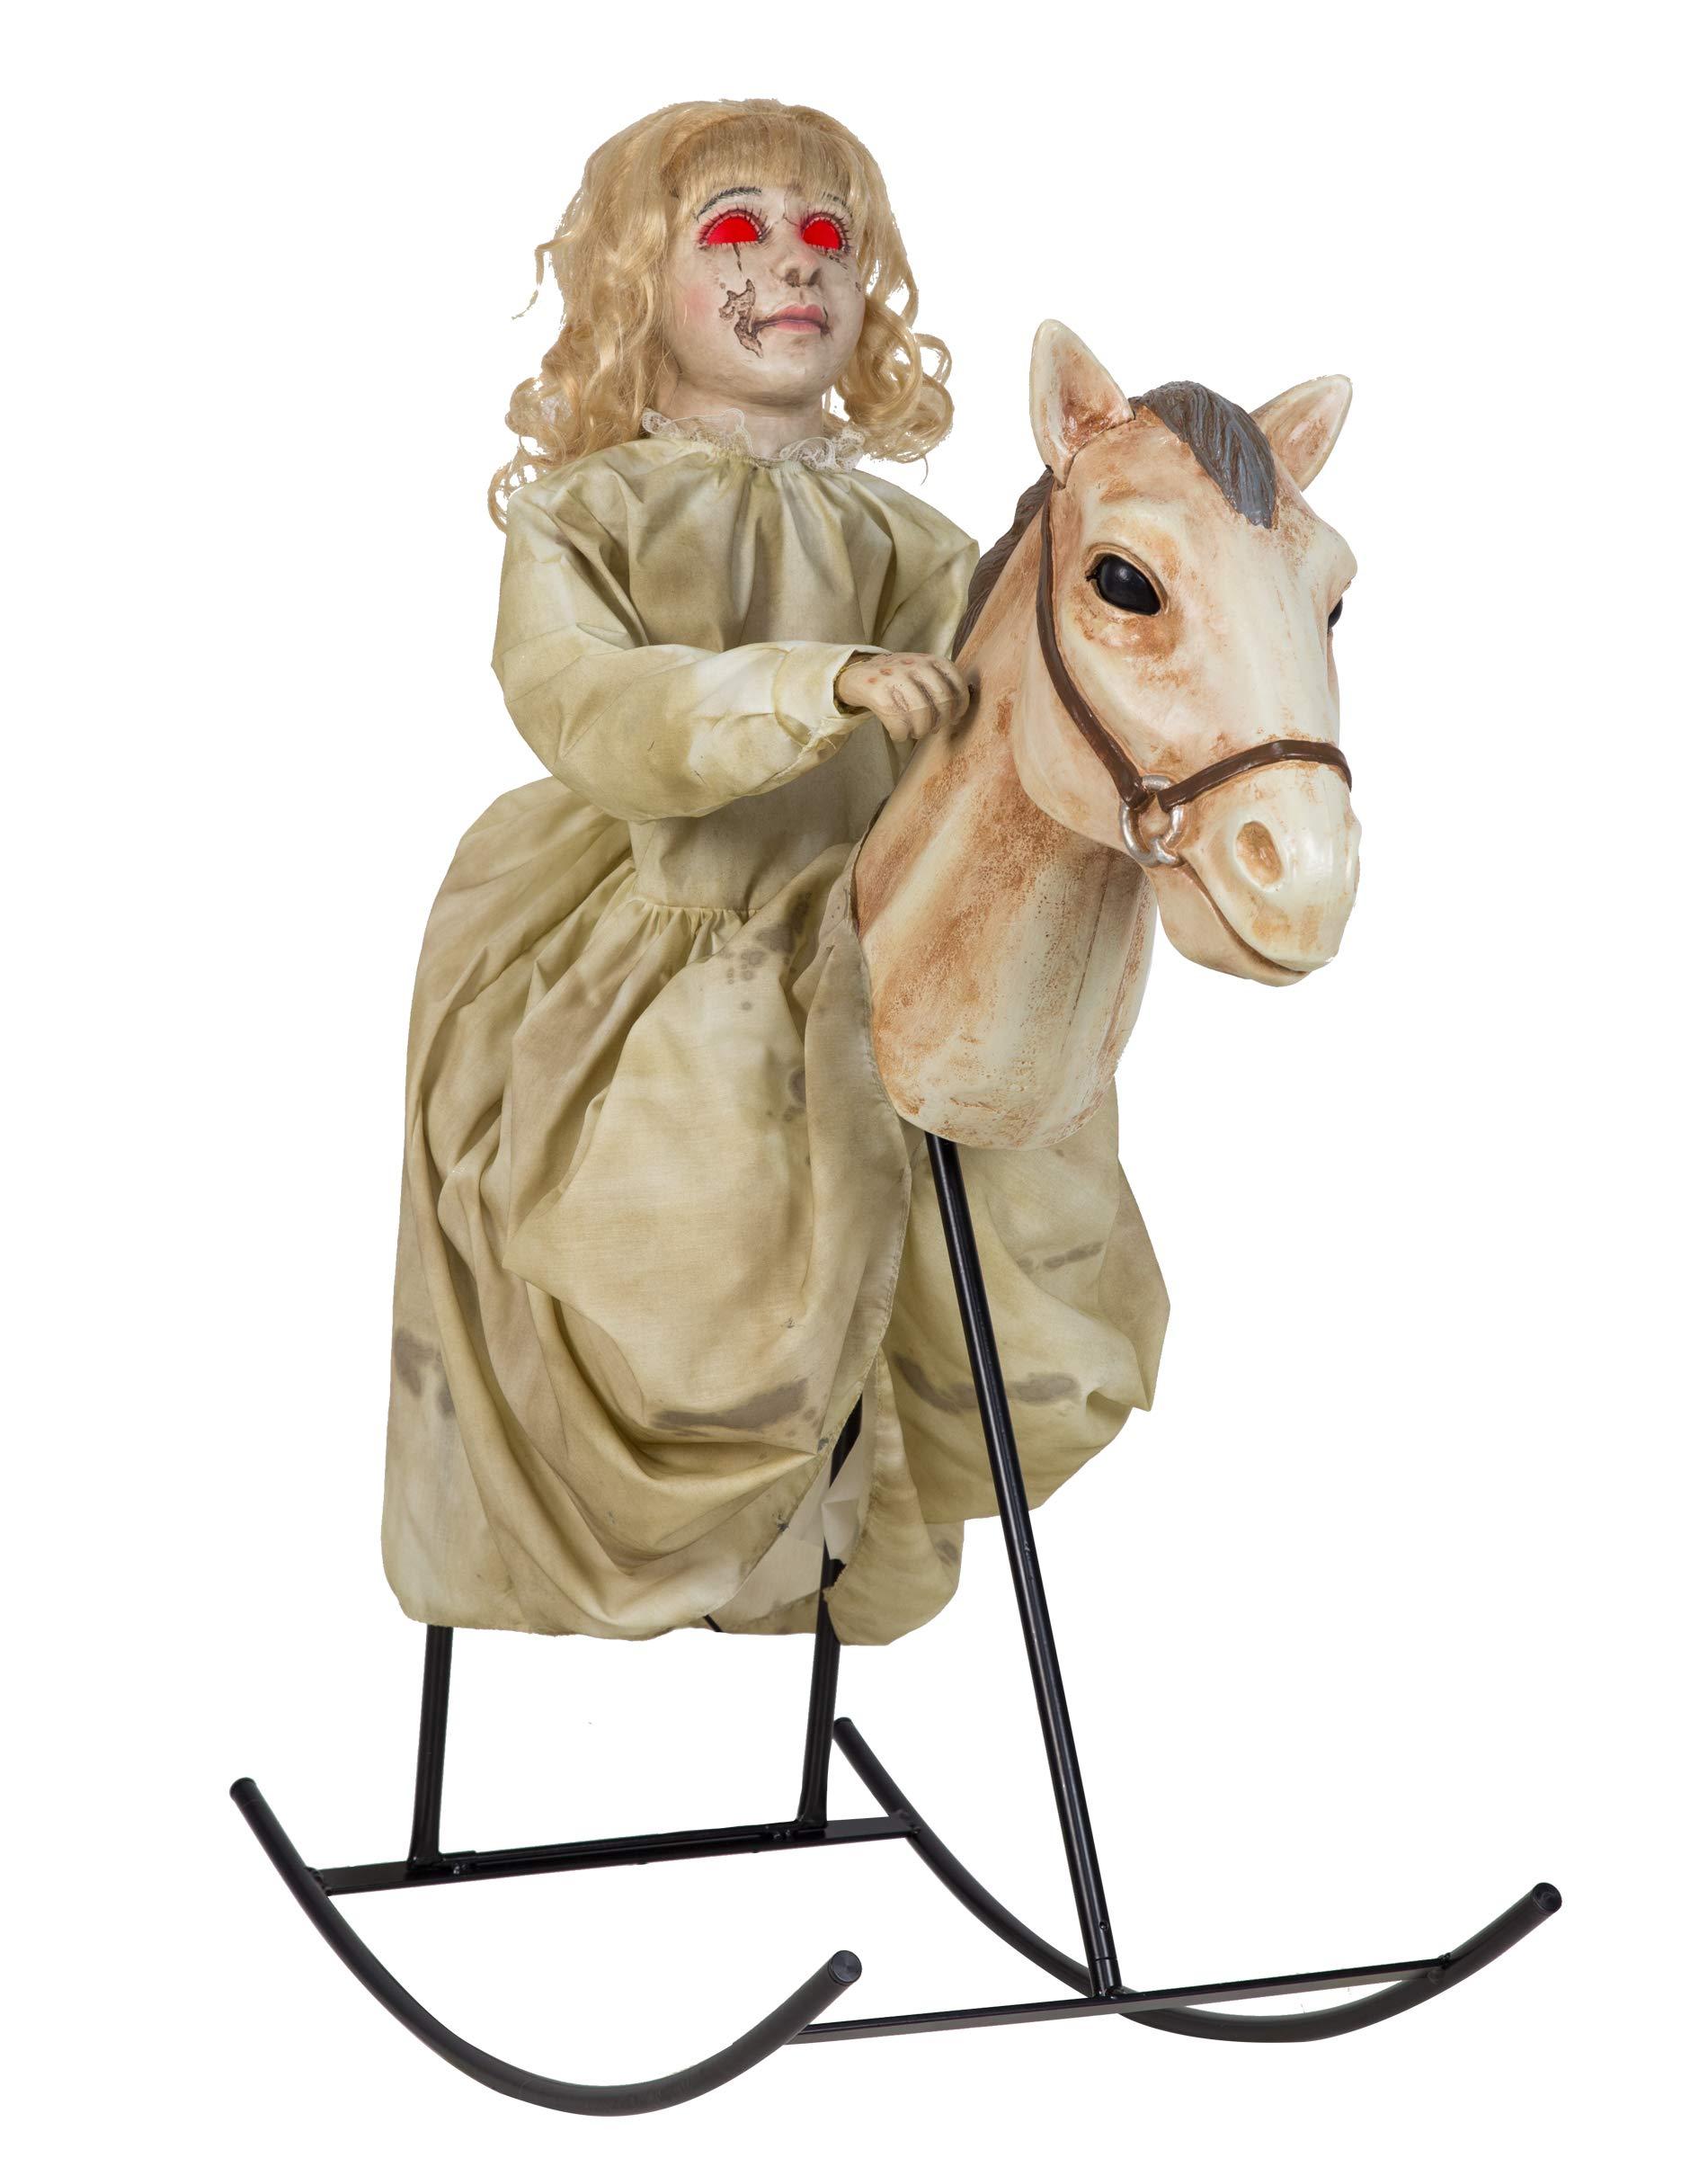 3 Ft Rocking Horse Dolly Animatronic